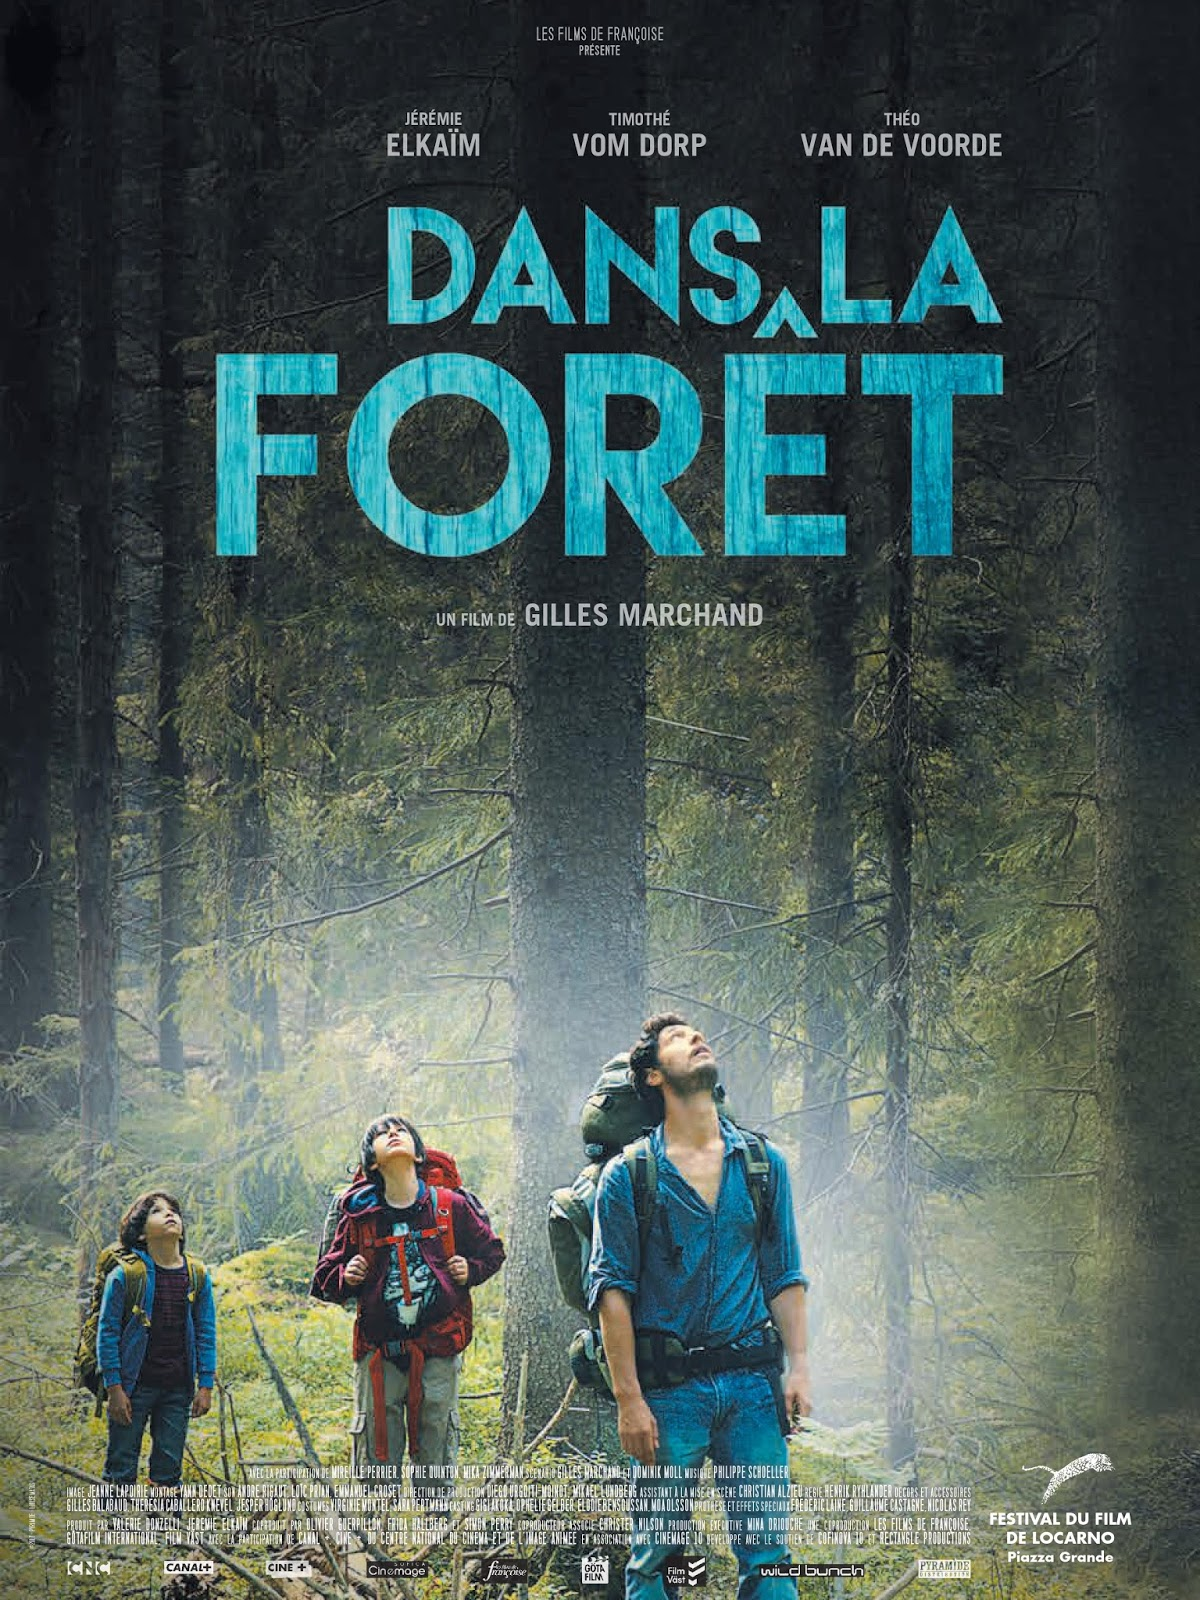 Cinema Dans La Foret Critique Dame Skarlette